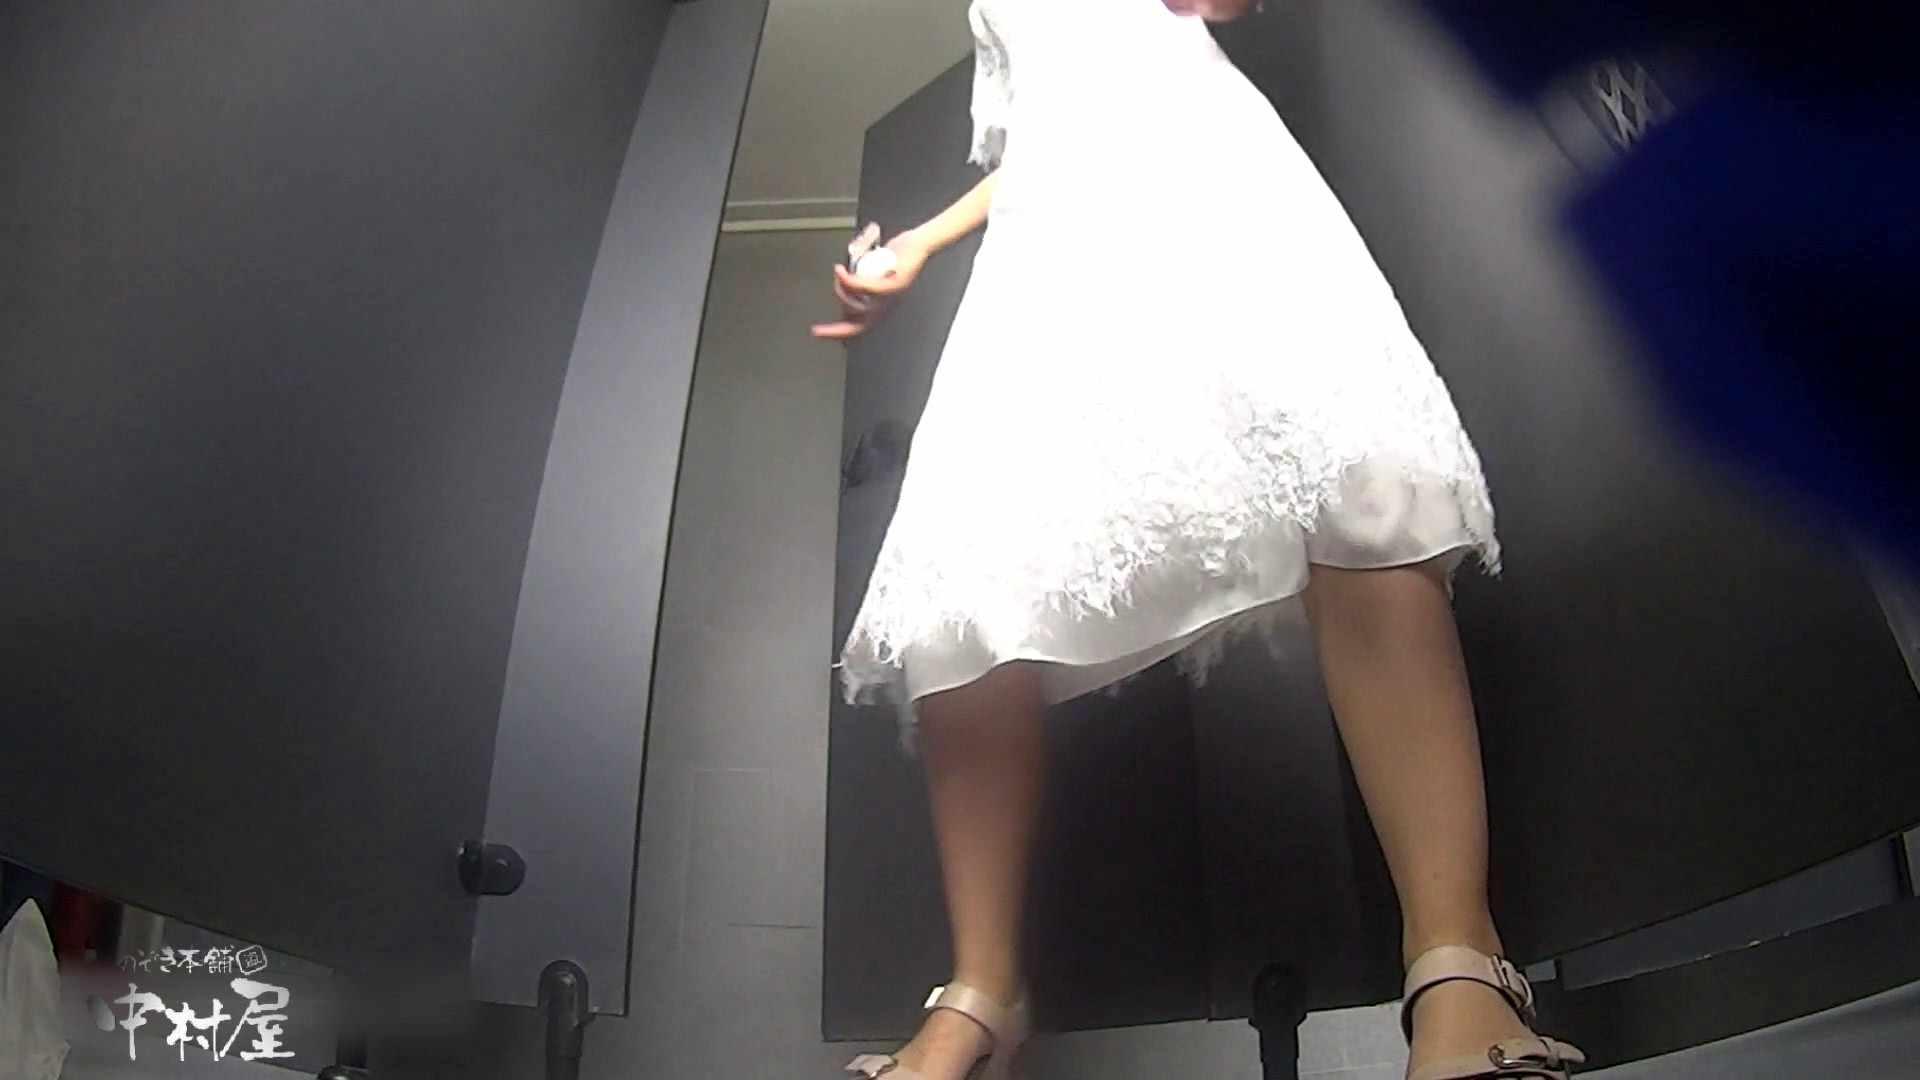 ツンデレお女市さんのトイレ事情 大学休憩時間の洗面所事情32 トイレ 盗撮画像 110PIX 64